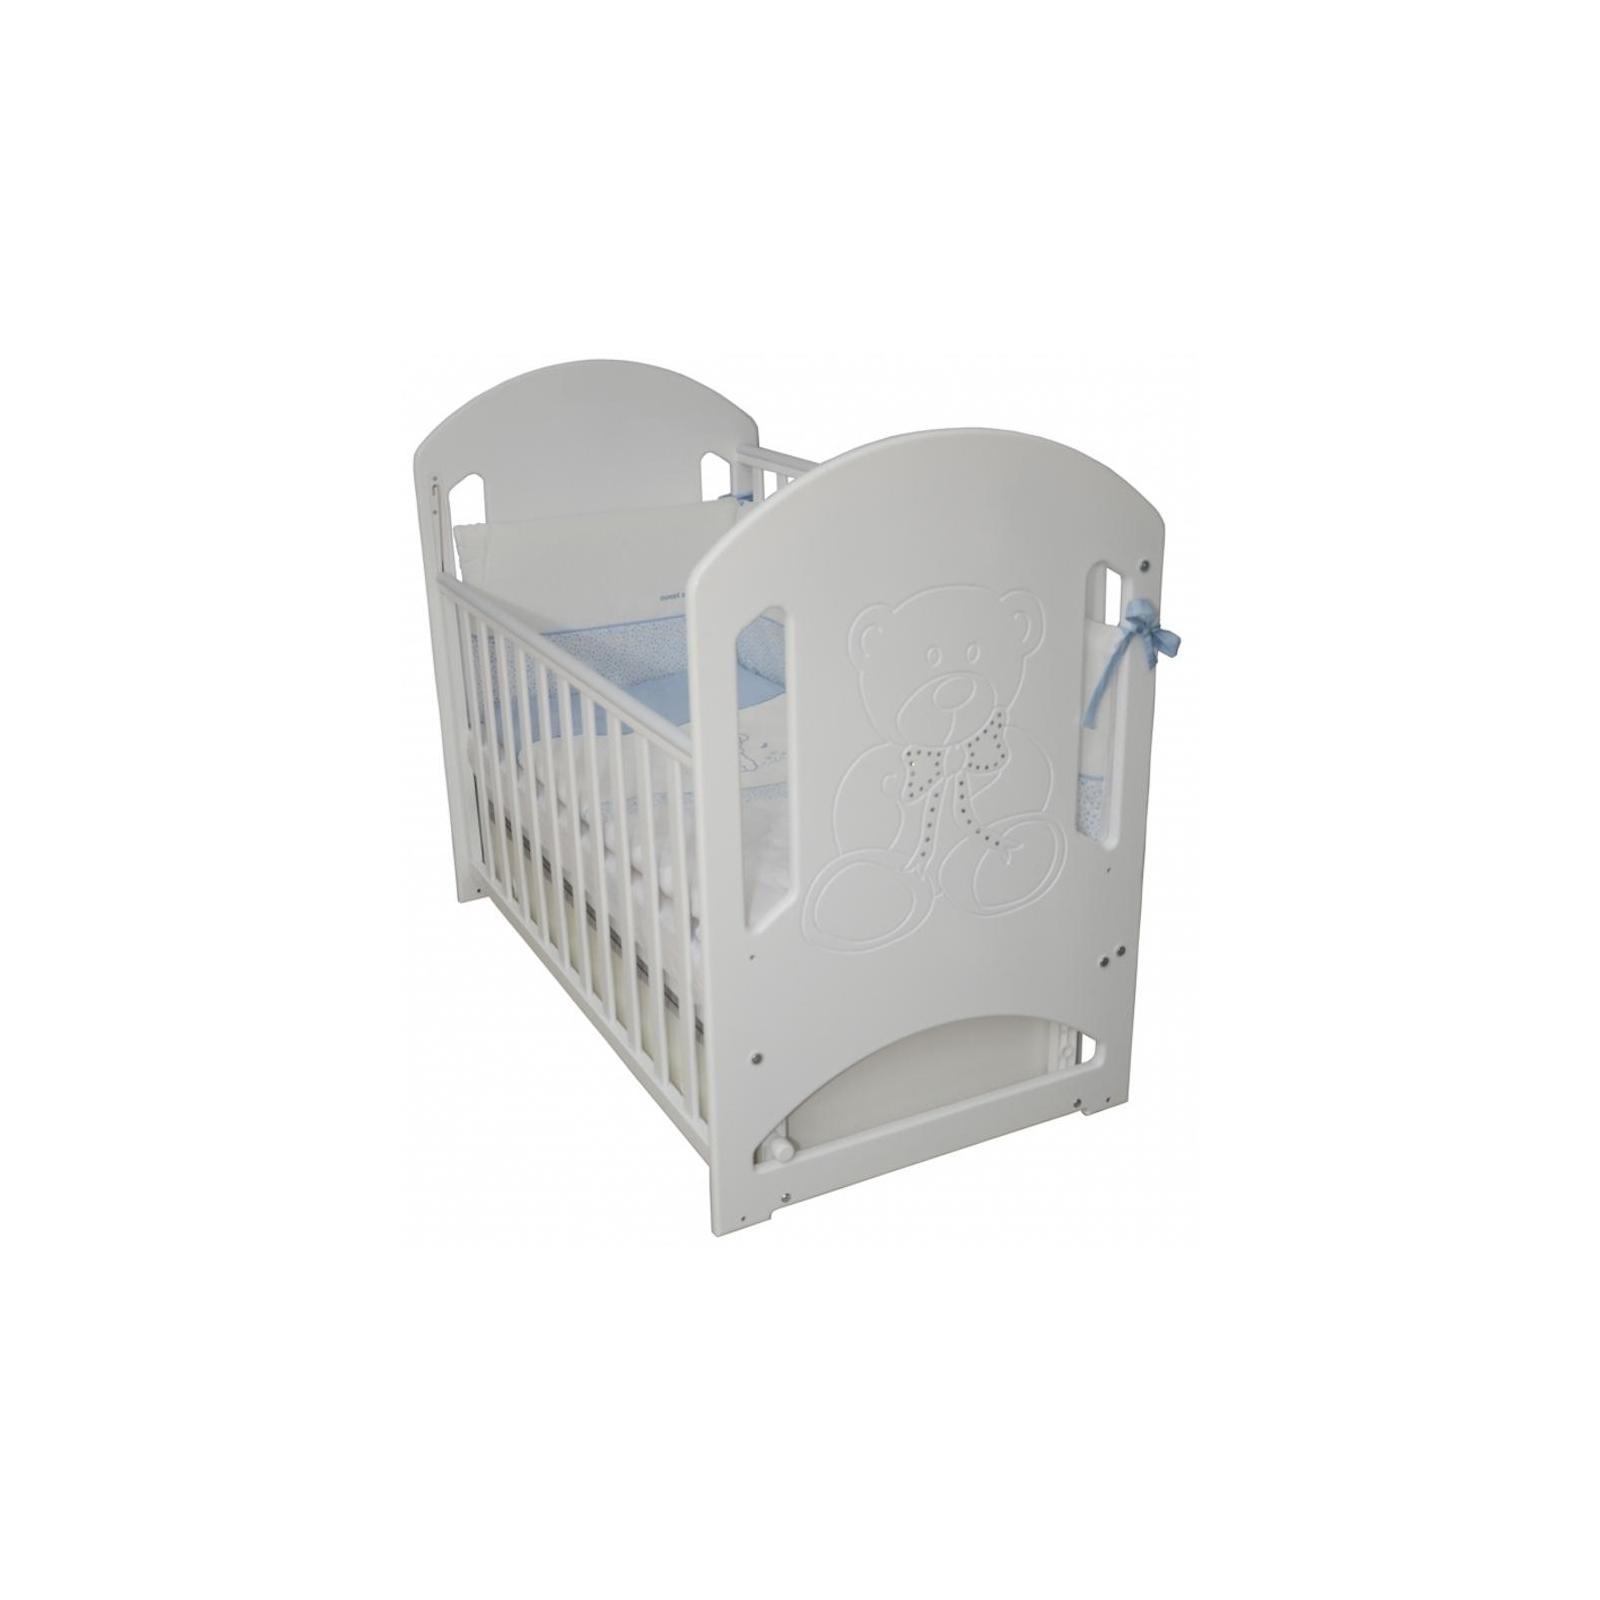 Кроватка Верес Соня ЛД-8 Белый декор.(ящ.+ маят.) (08.1.61.3.06) изображение 2